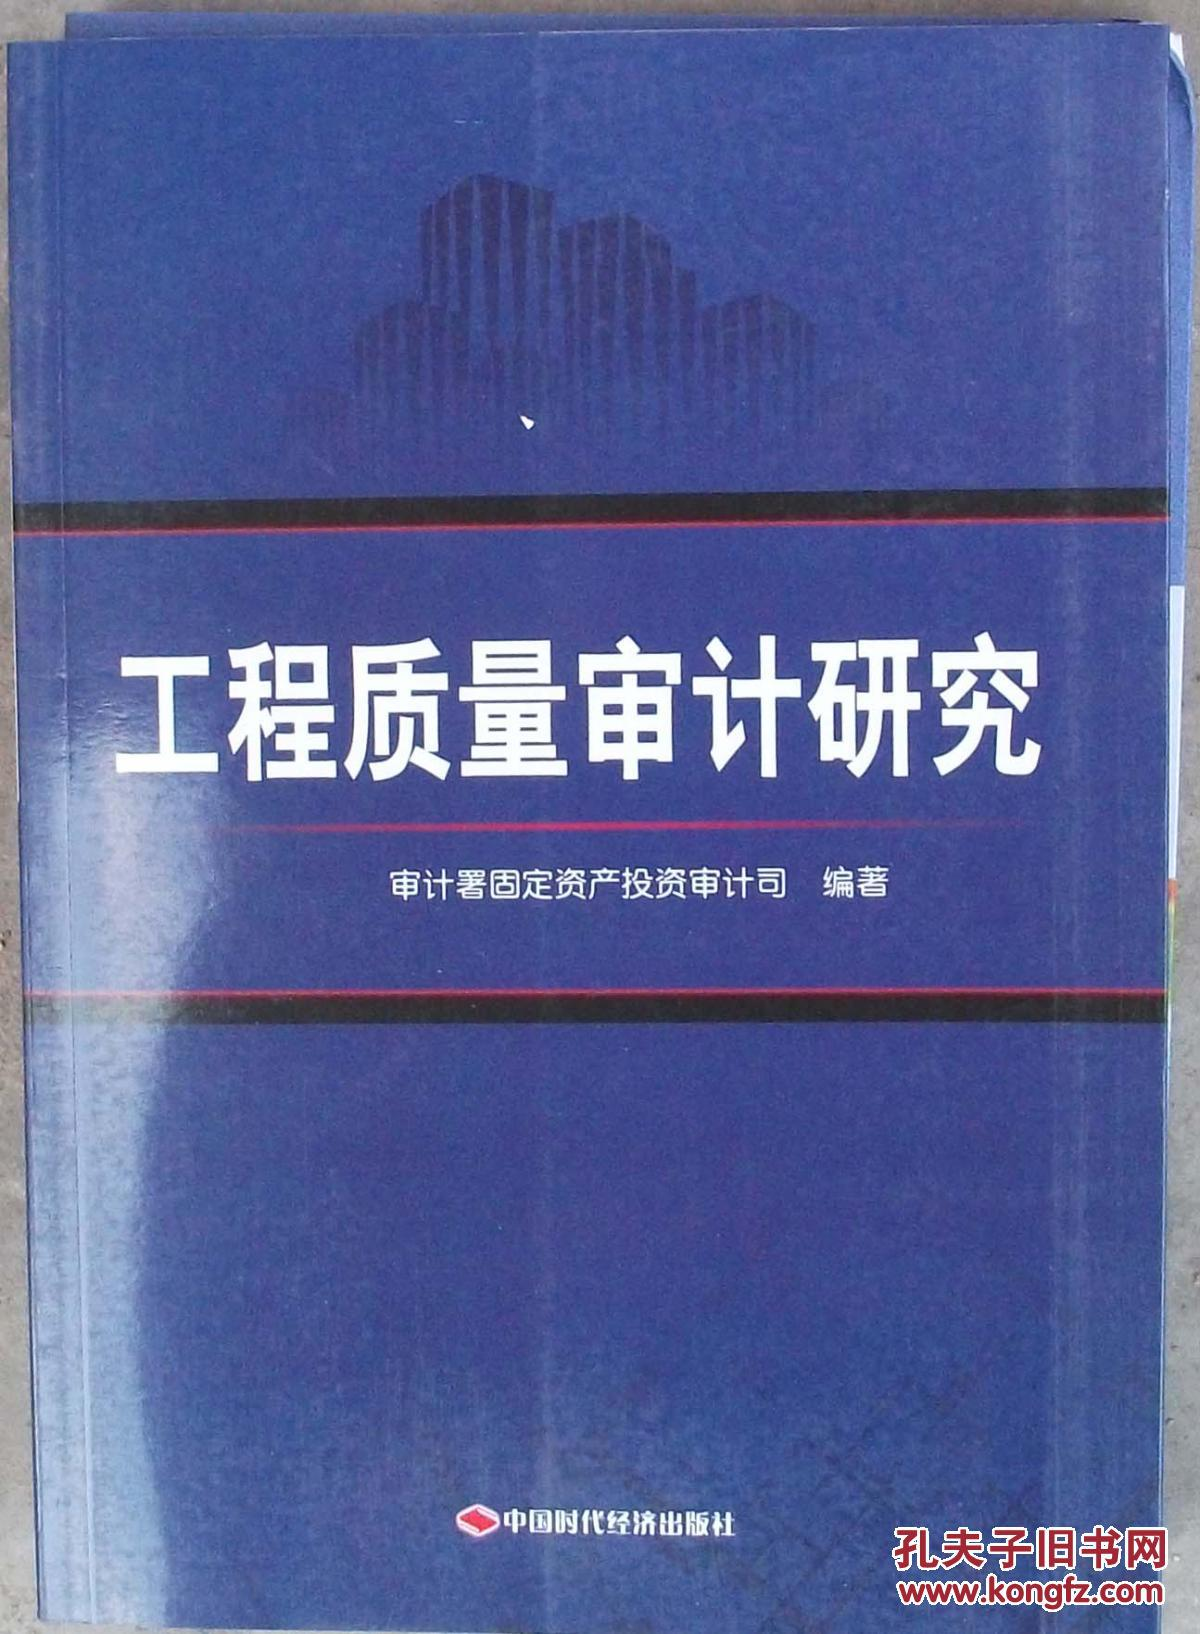 【图】房屋工程研究施工711_价格:22.80图纸排污质量审计图片